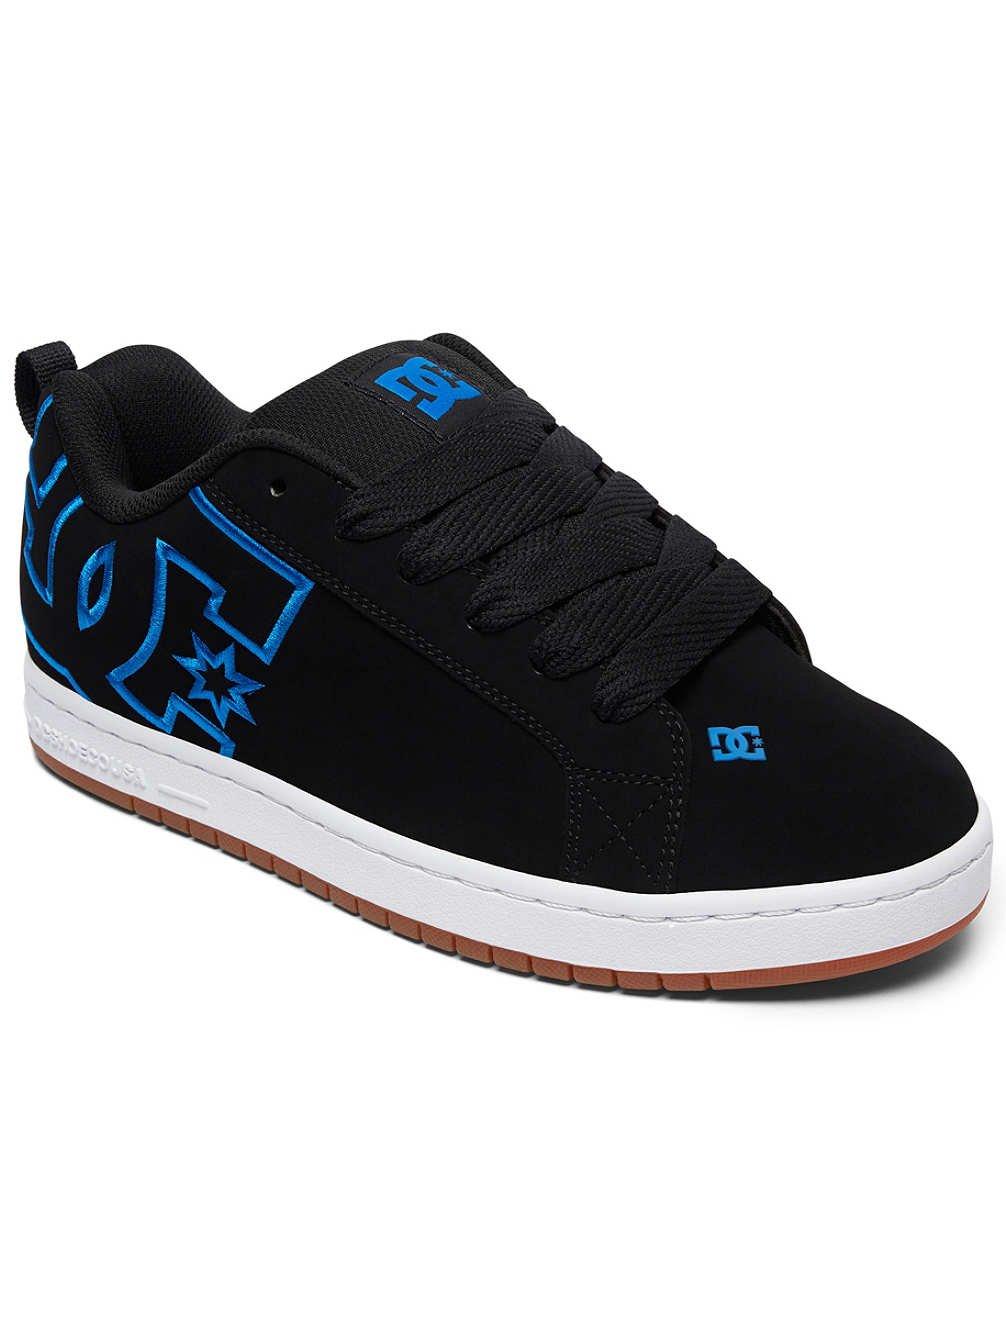 DC Shoes Court Graffik - Zapatillas para Hombre 55 EU Black/Black/Blue Black/Black/Blue